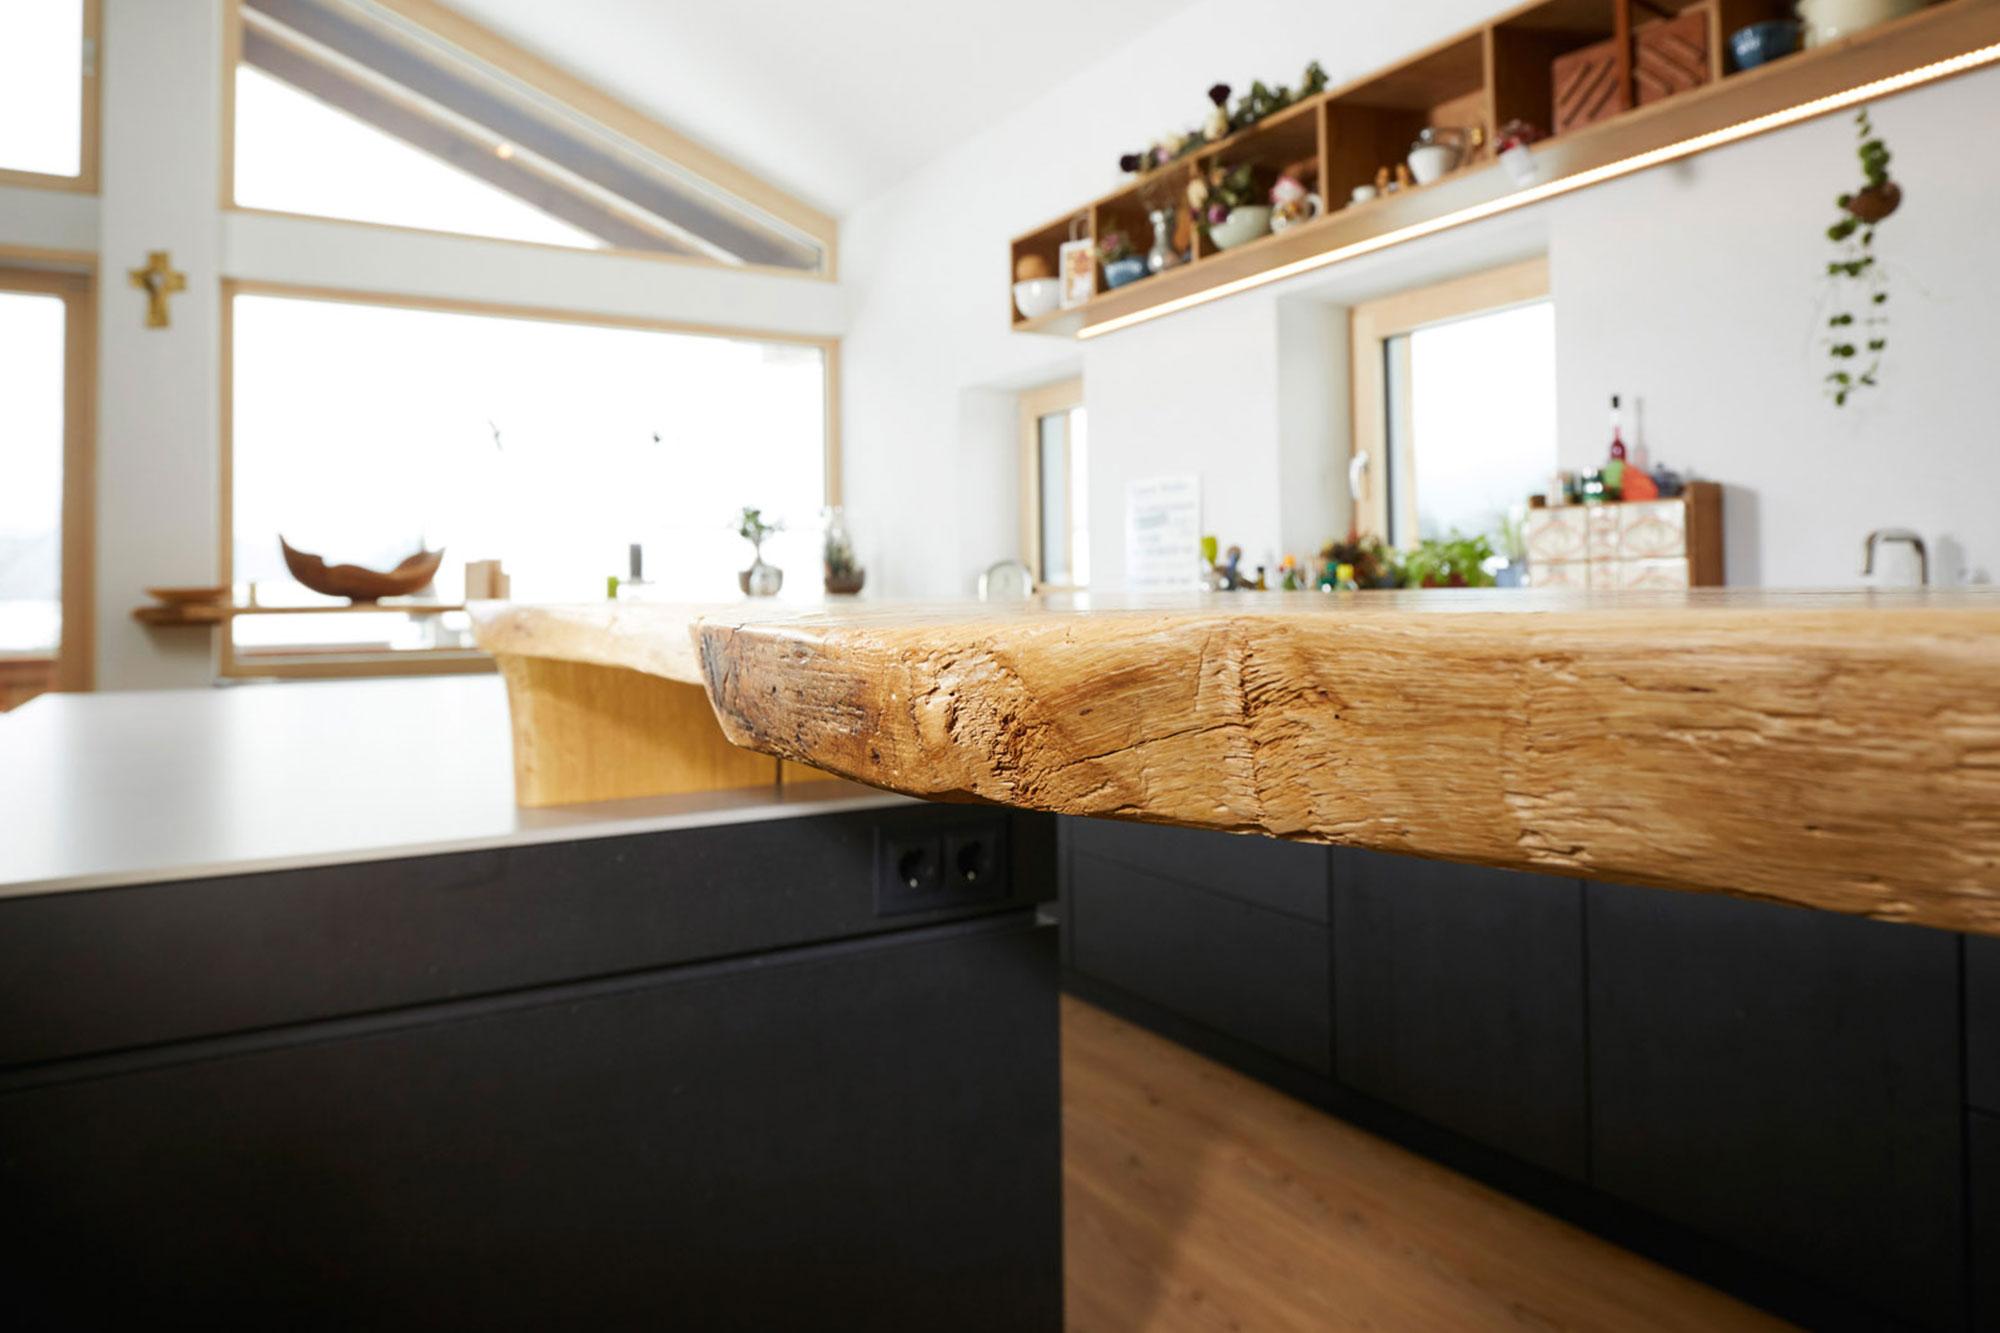 Tischlerei Stöckl Ebbs Wohnküche Echtbeton Inneneinrichtung Möbel Detailaufnahme Holz Quooker